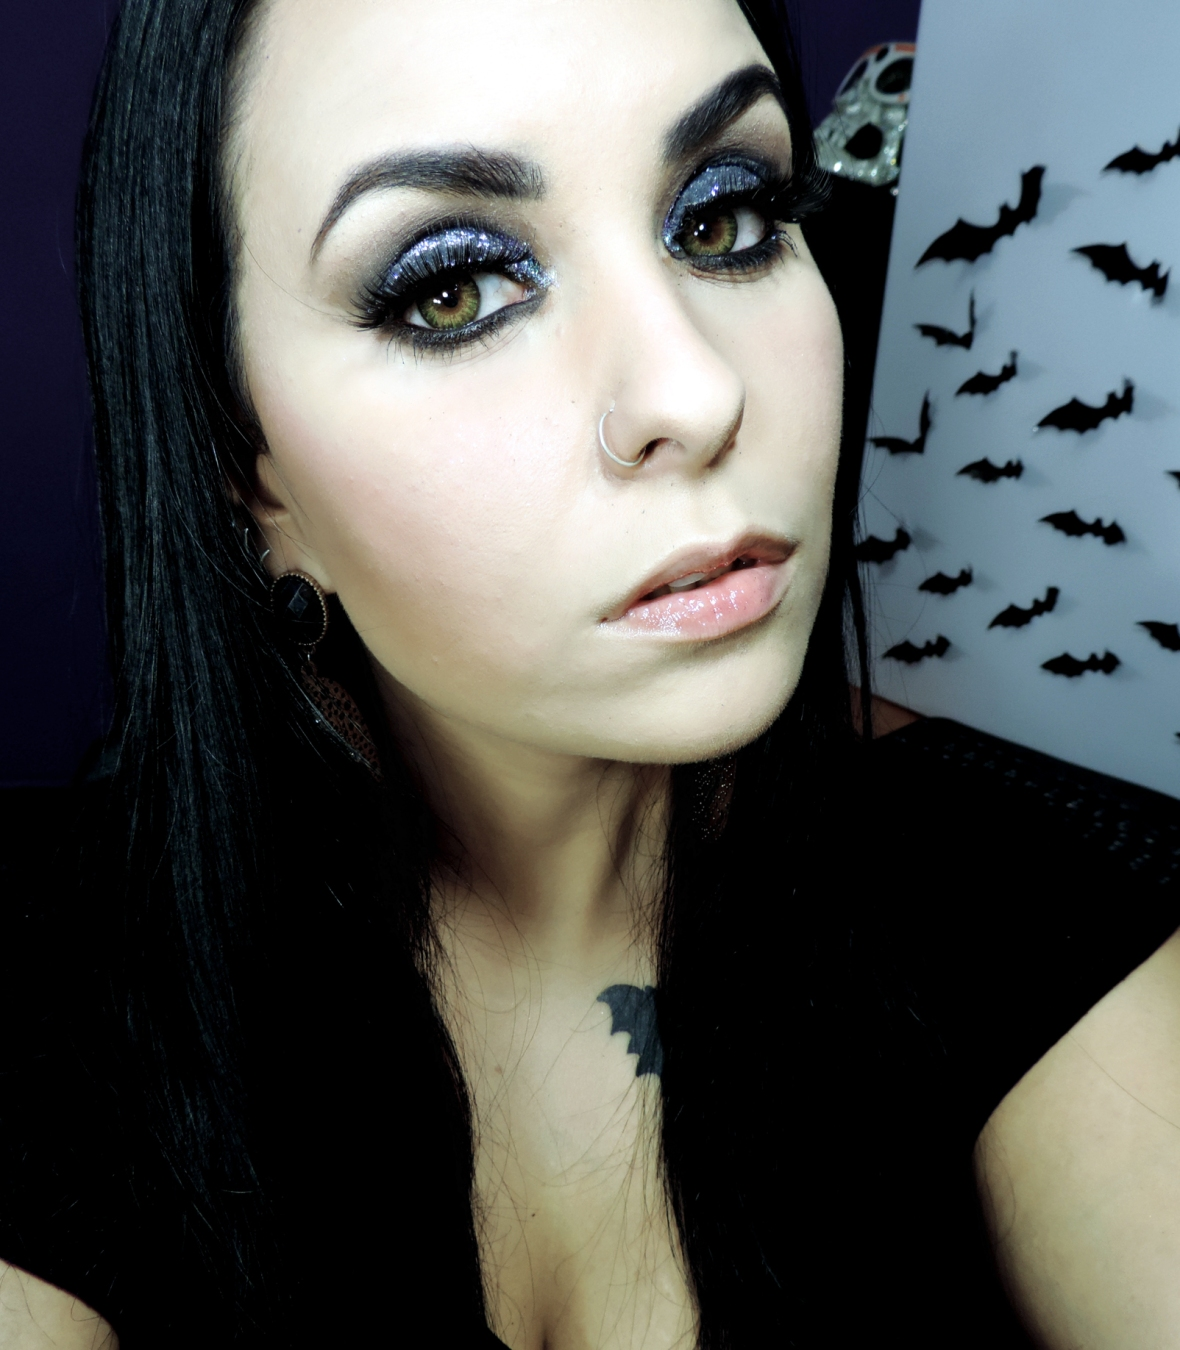 maquiagem vibrante, maquiagem de balada, maquiagem com glitter, olho esfumado, maquiagem de balada com glitter3